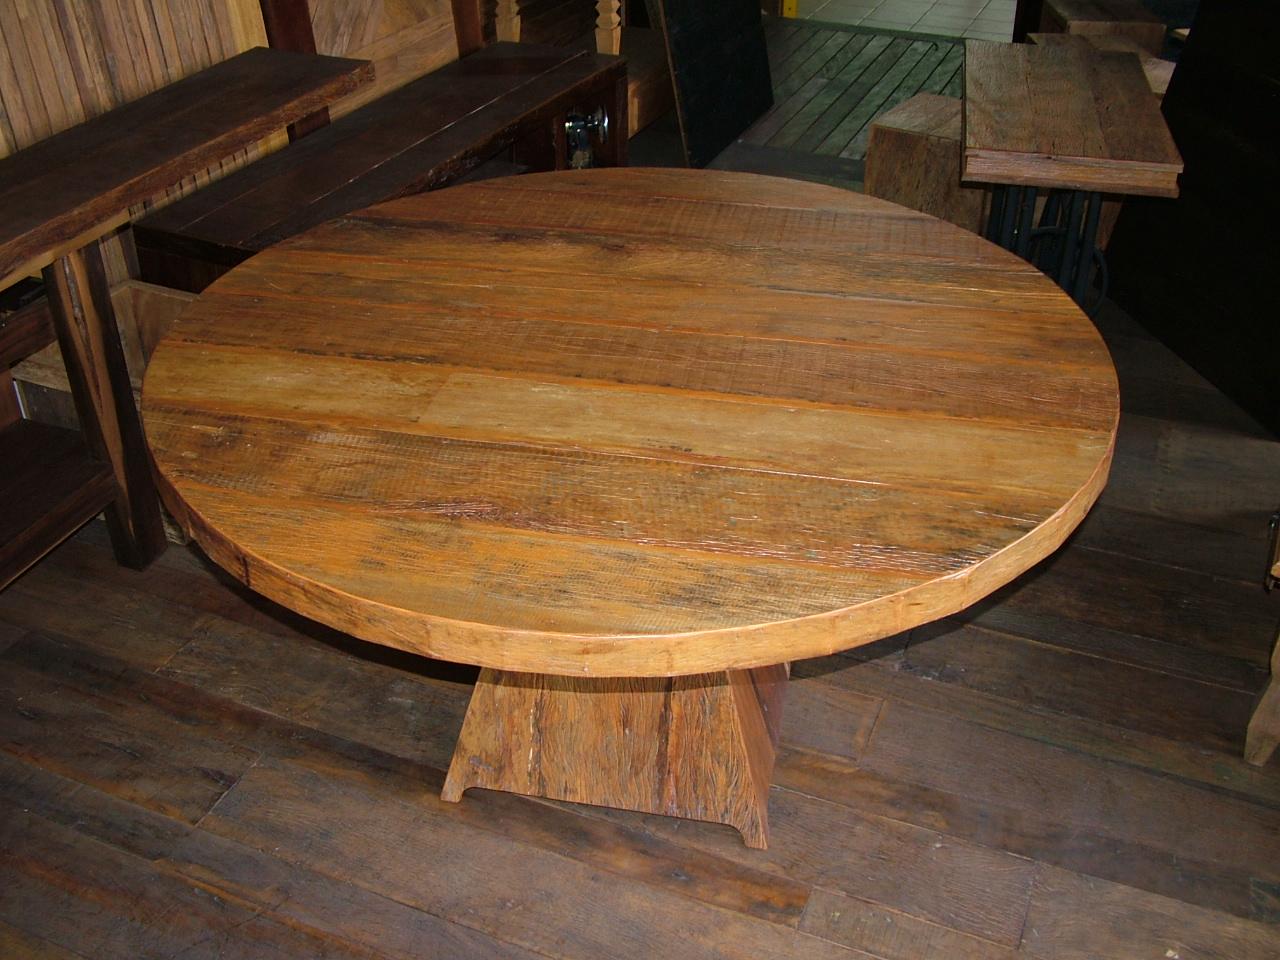 em madeira de demolição projetada com um tampo redondo de 1 50m de  #B56416 1280x960